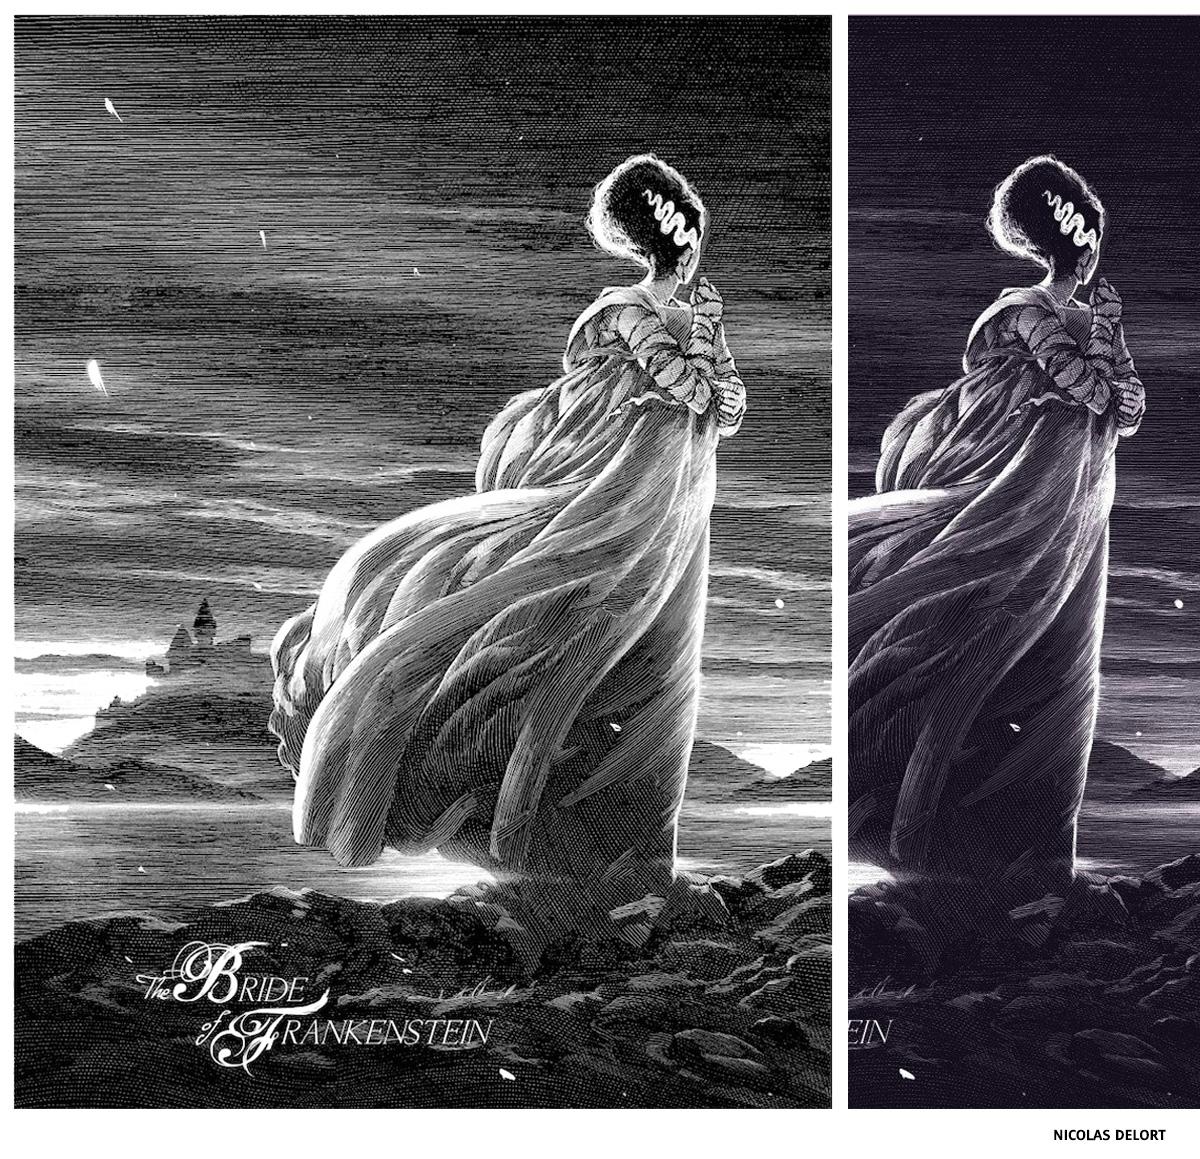 Bride of Frankenstein par Nicolas Delort sérigraphie affiche